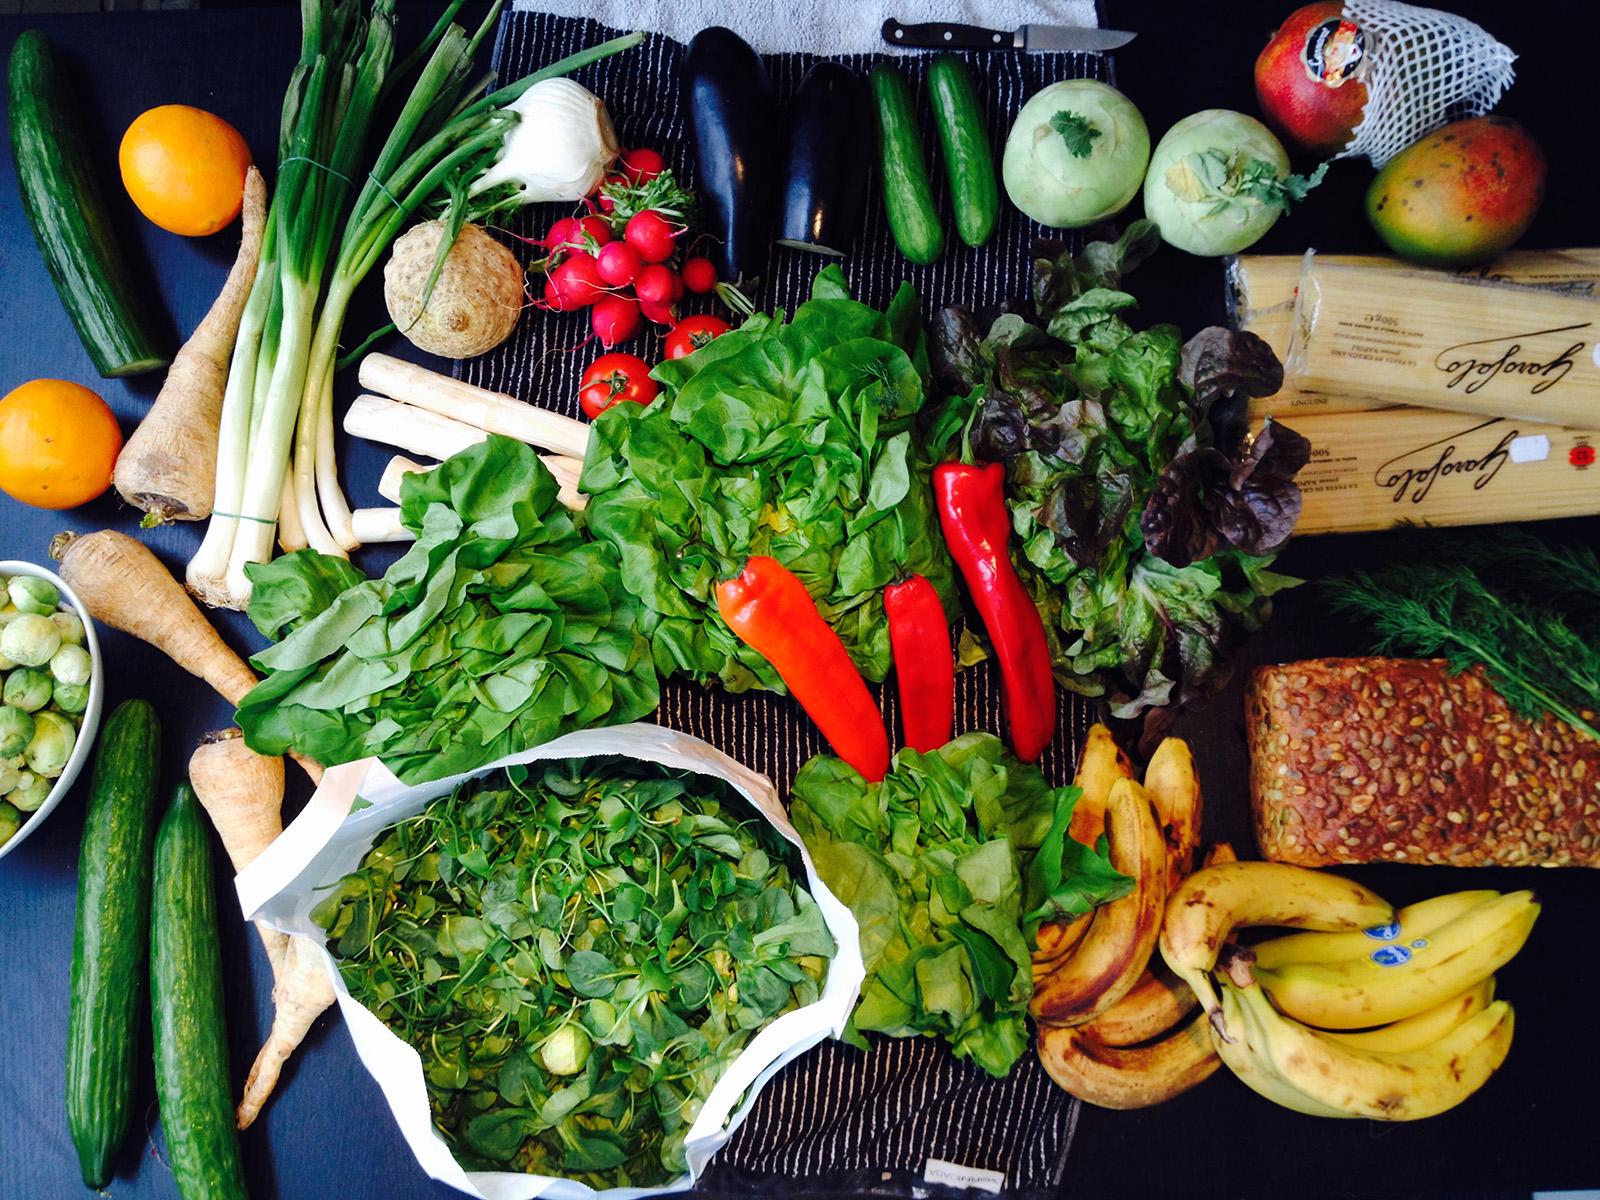 Veganuary: 8 Tipps zur Umstellung auf eine vegane Ernährung